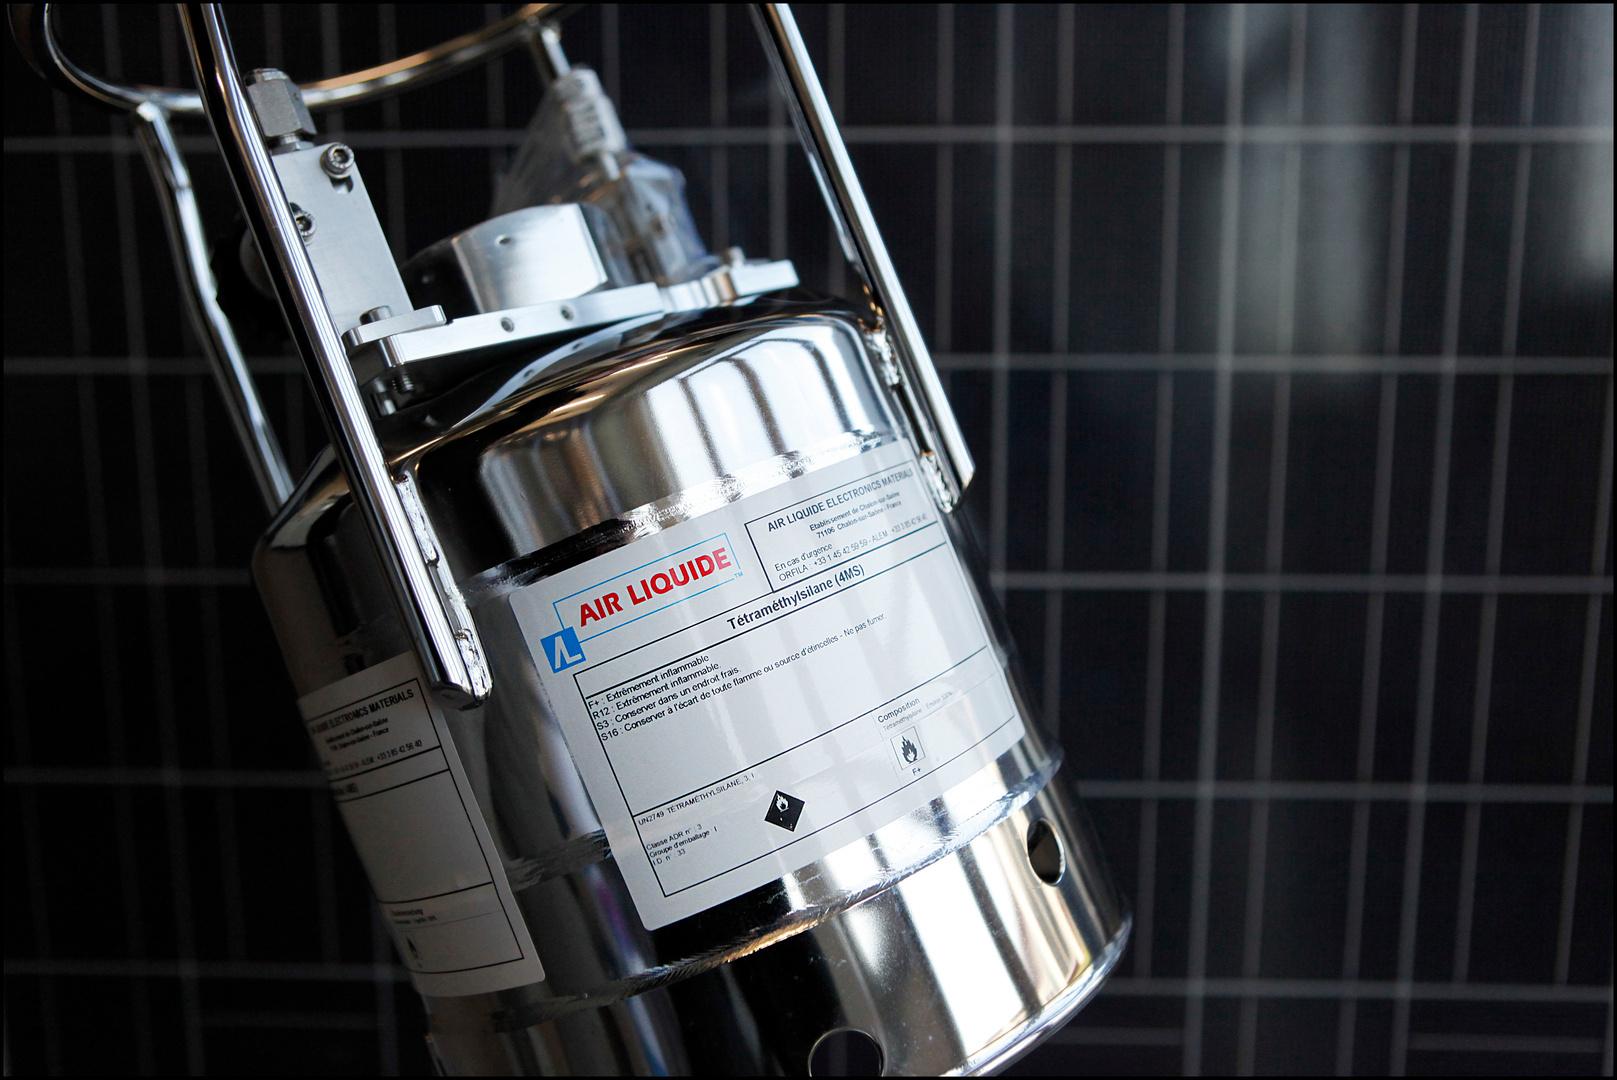 Air Liquide R&D